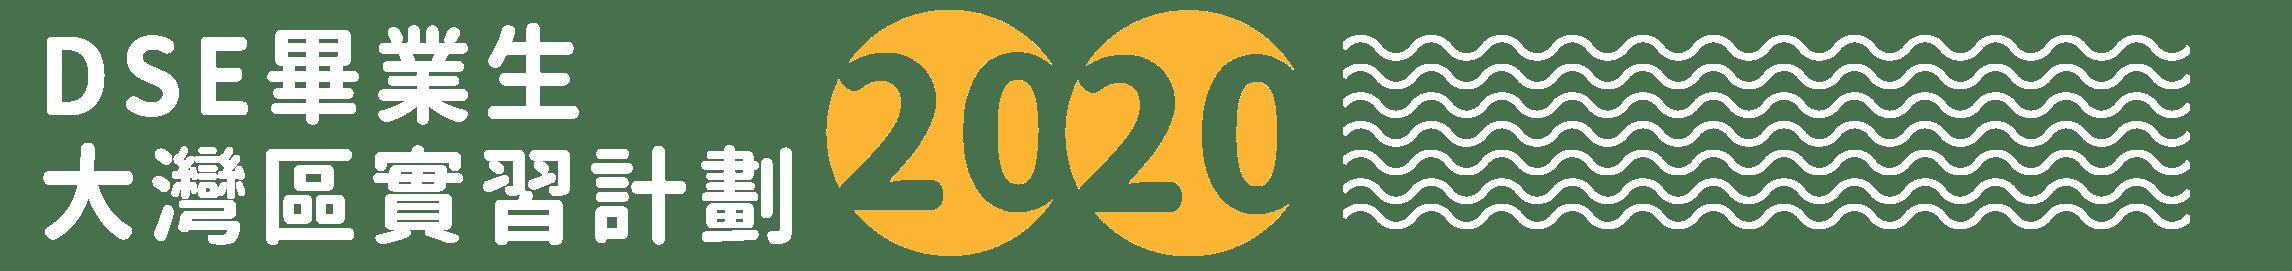 DSE 畢業生大灣區實習計劃 2020